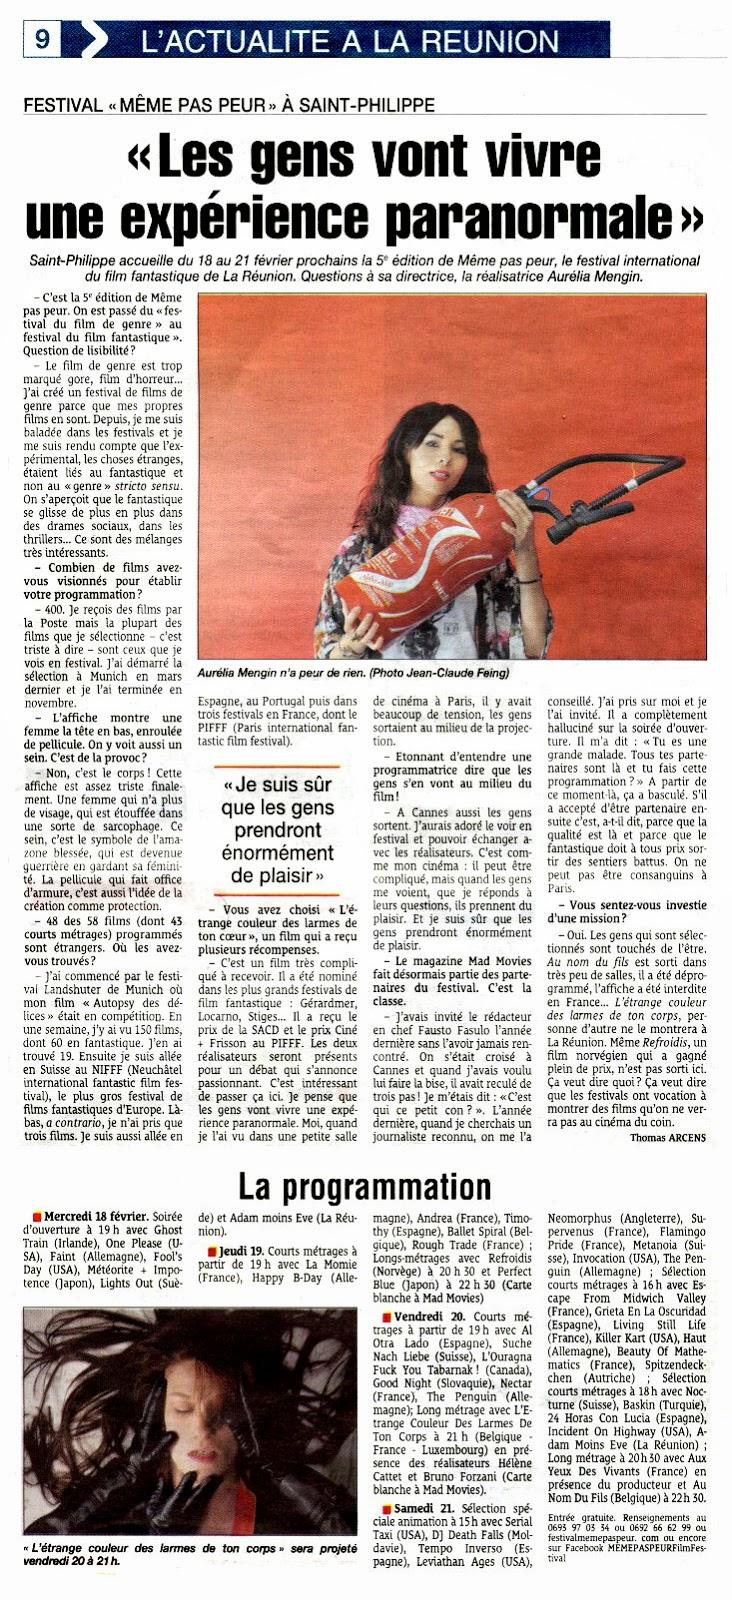 Le Festival MEME PAS PEUR 2015 dans le Quotidien de La Réunion